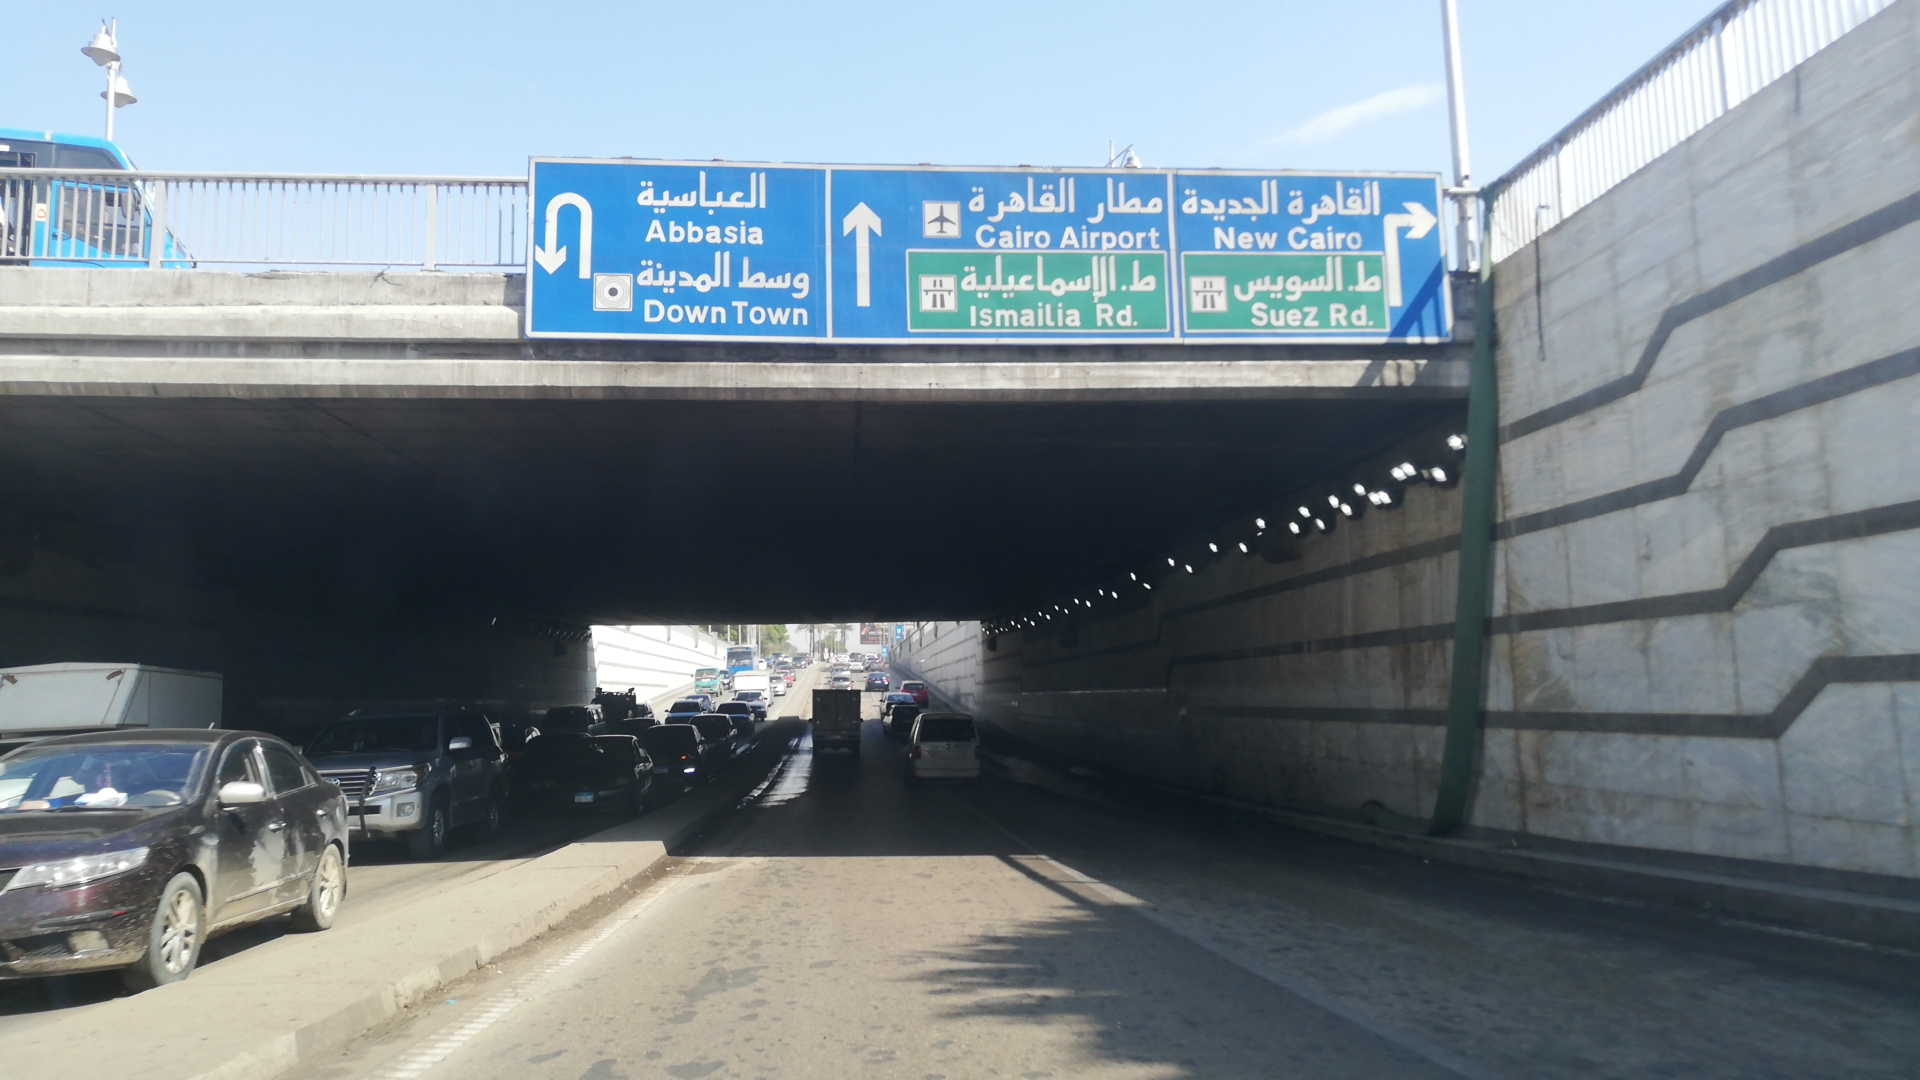 فتح نفق العروبة بمصر الجديدة بعد شفط المياه (3)